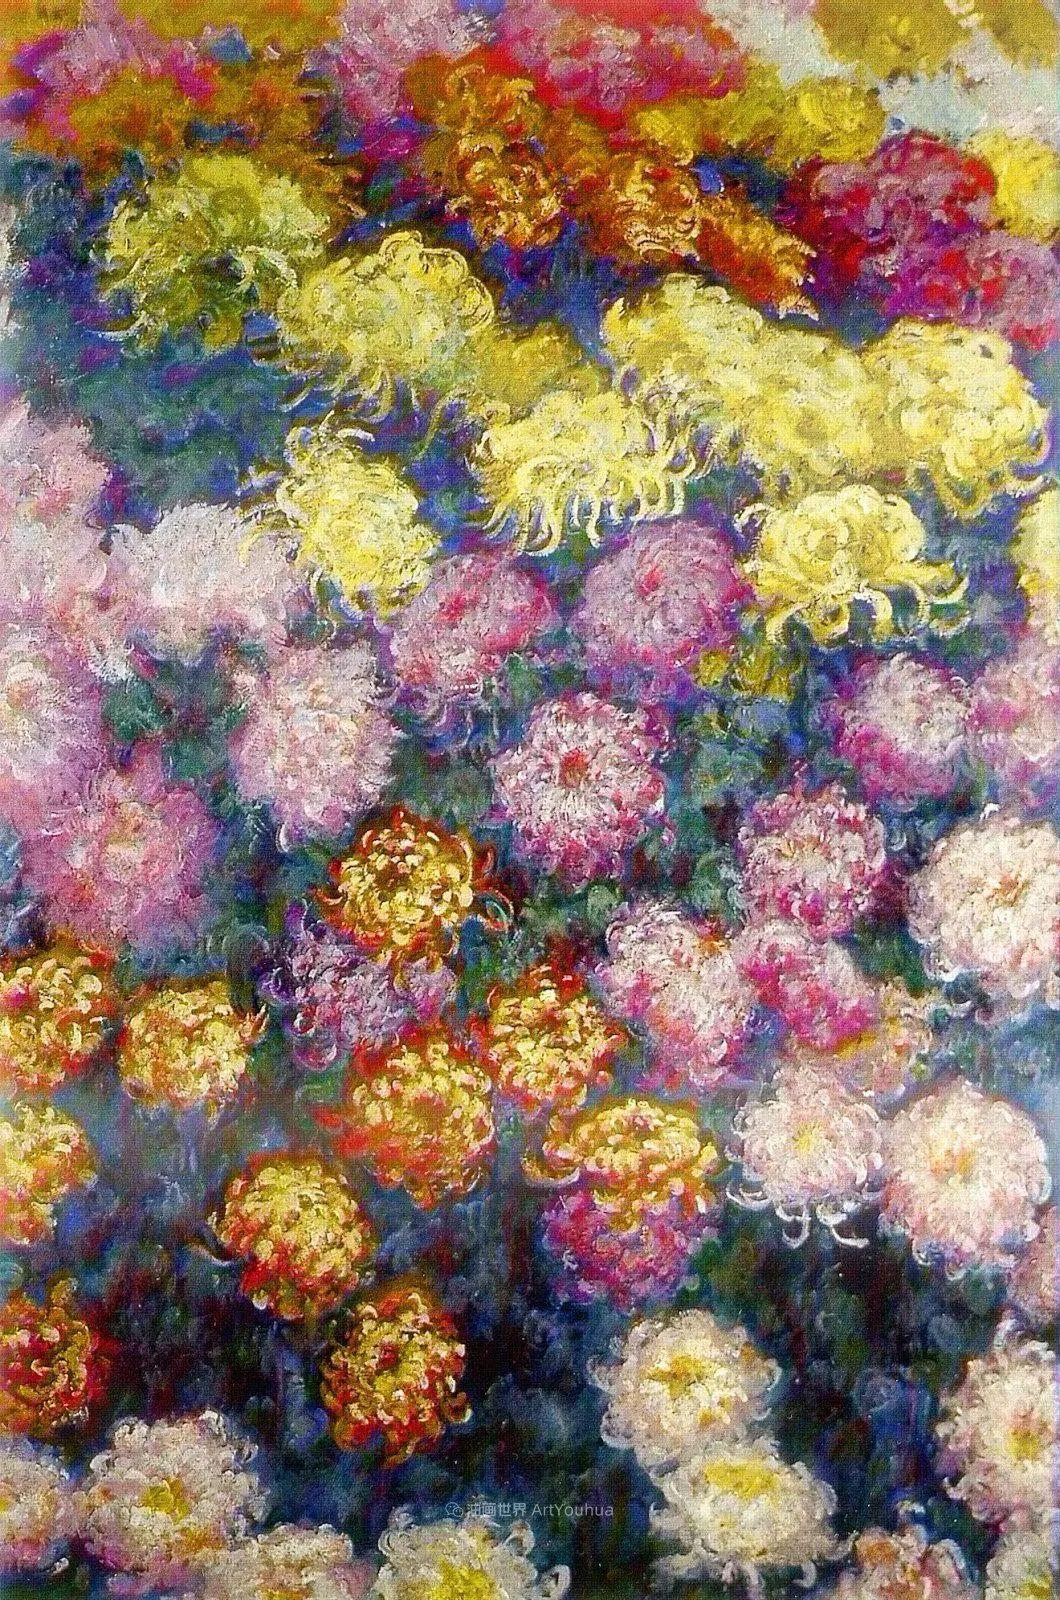 阳光四溢的色彩大师   以莫奈的花园祝你牛年欣欣向荣插图1